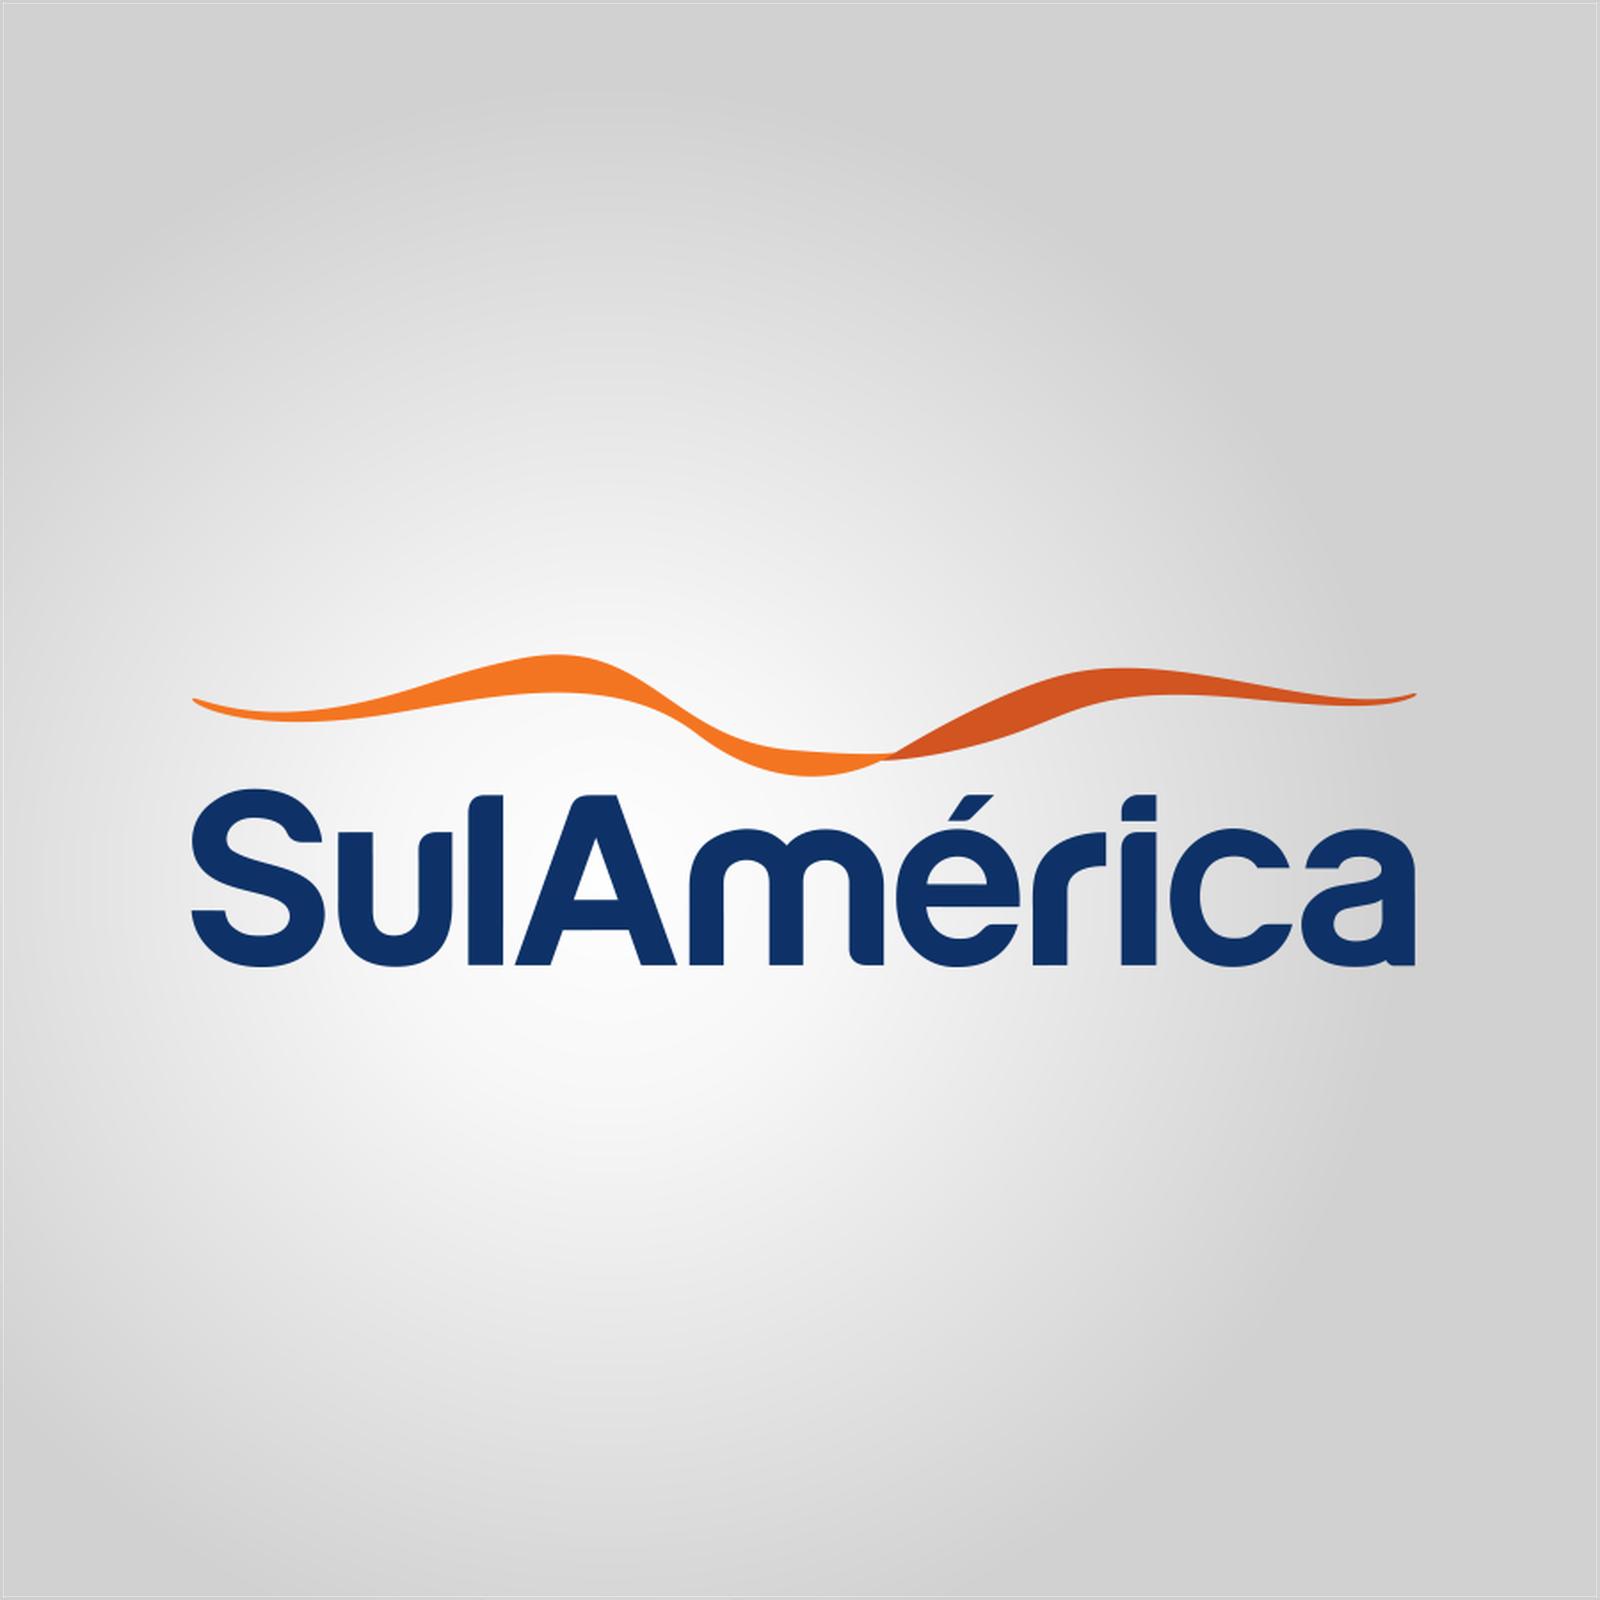 SulAmérica registra lucro recorde em 2019